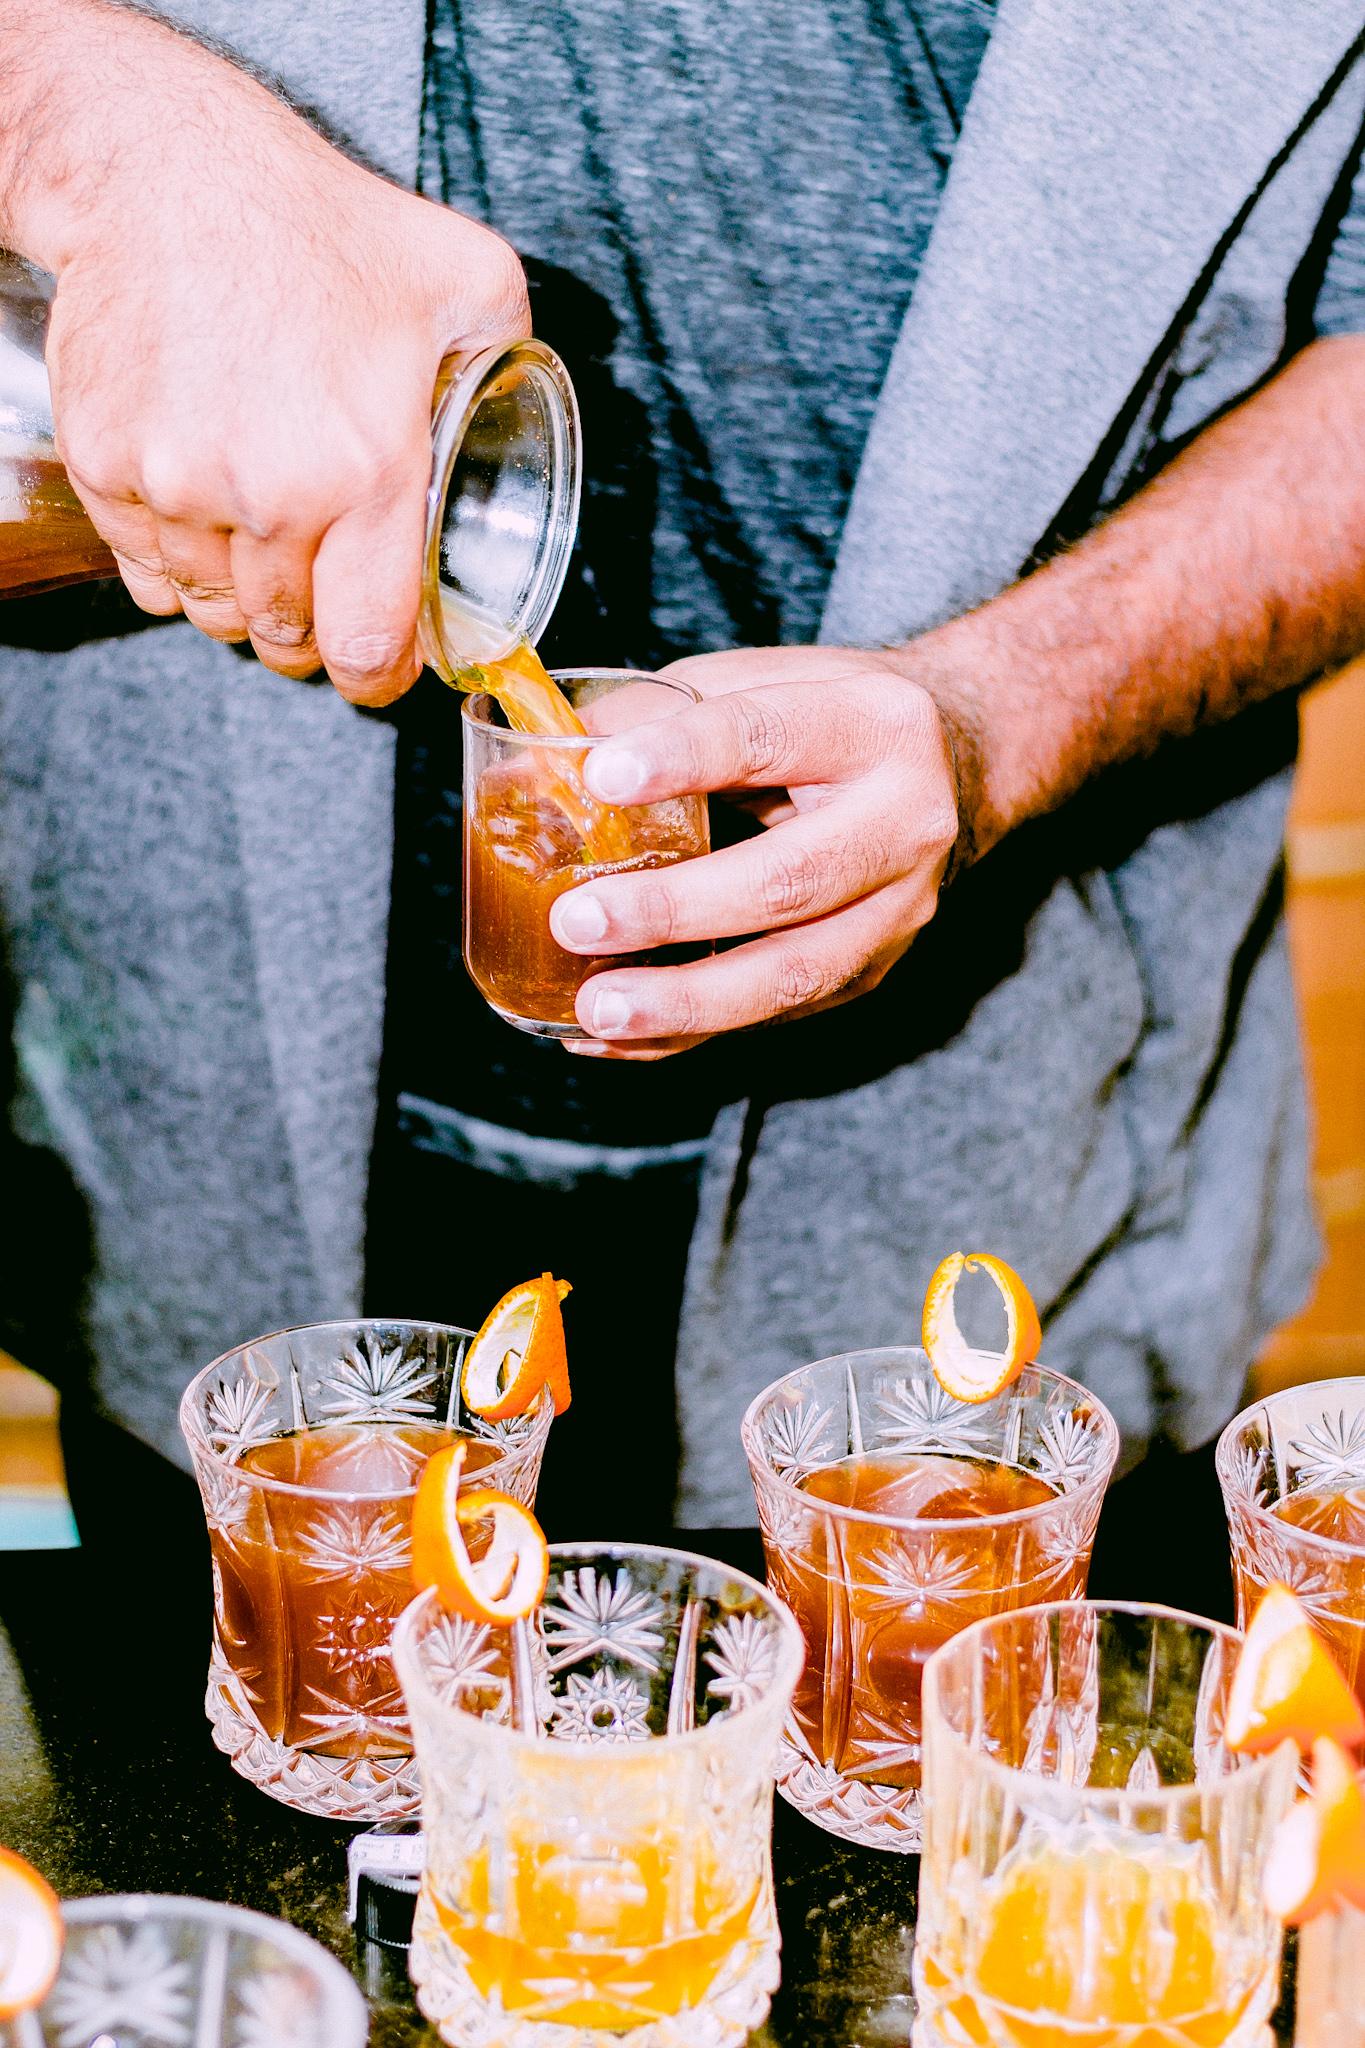 Lébu Drinks Recipes - Come,Sit, pour a drink